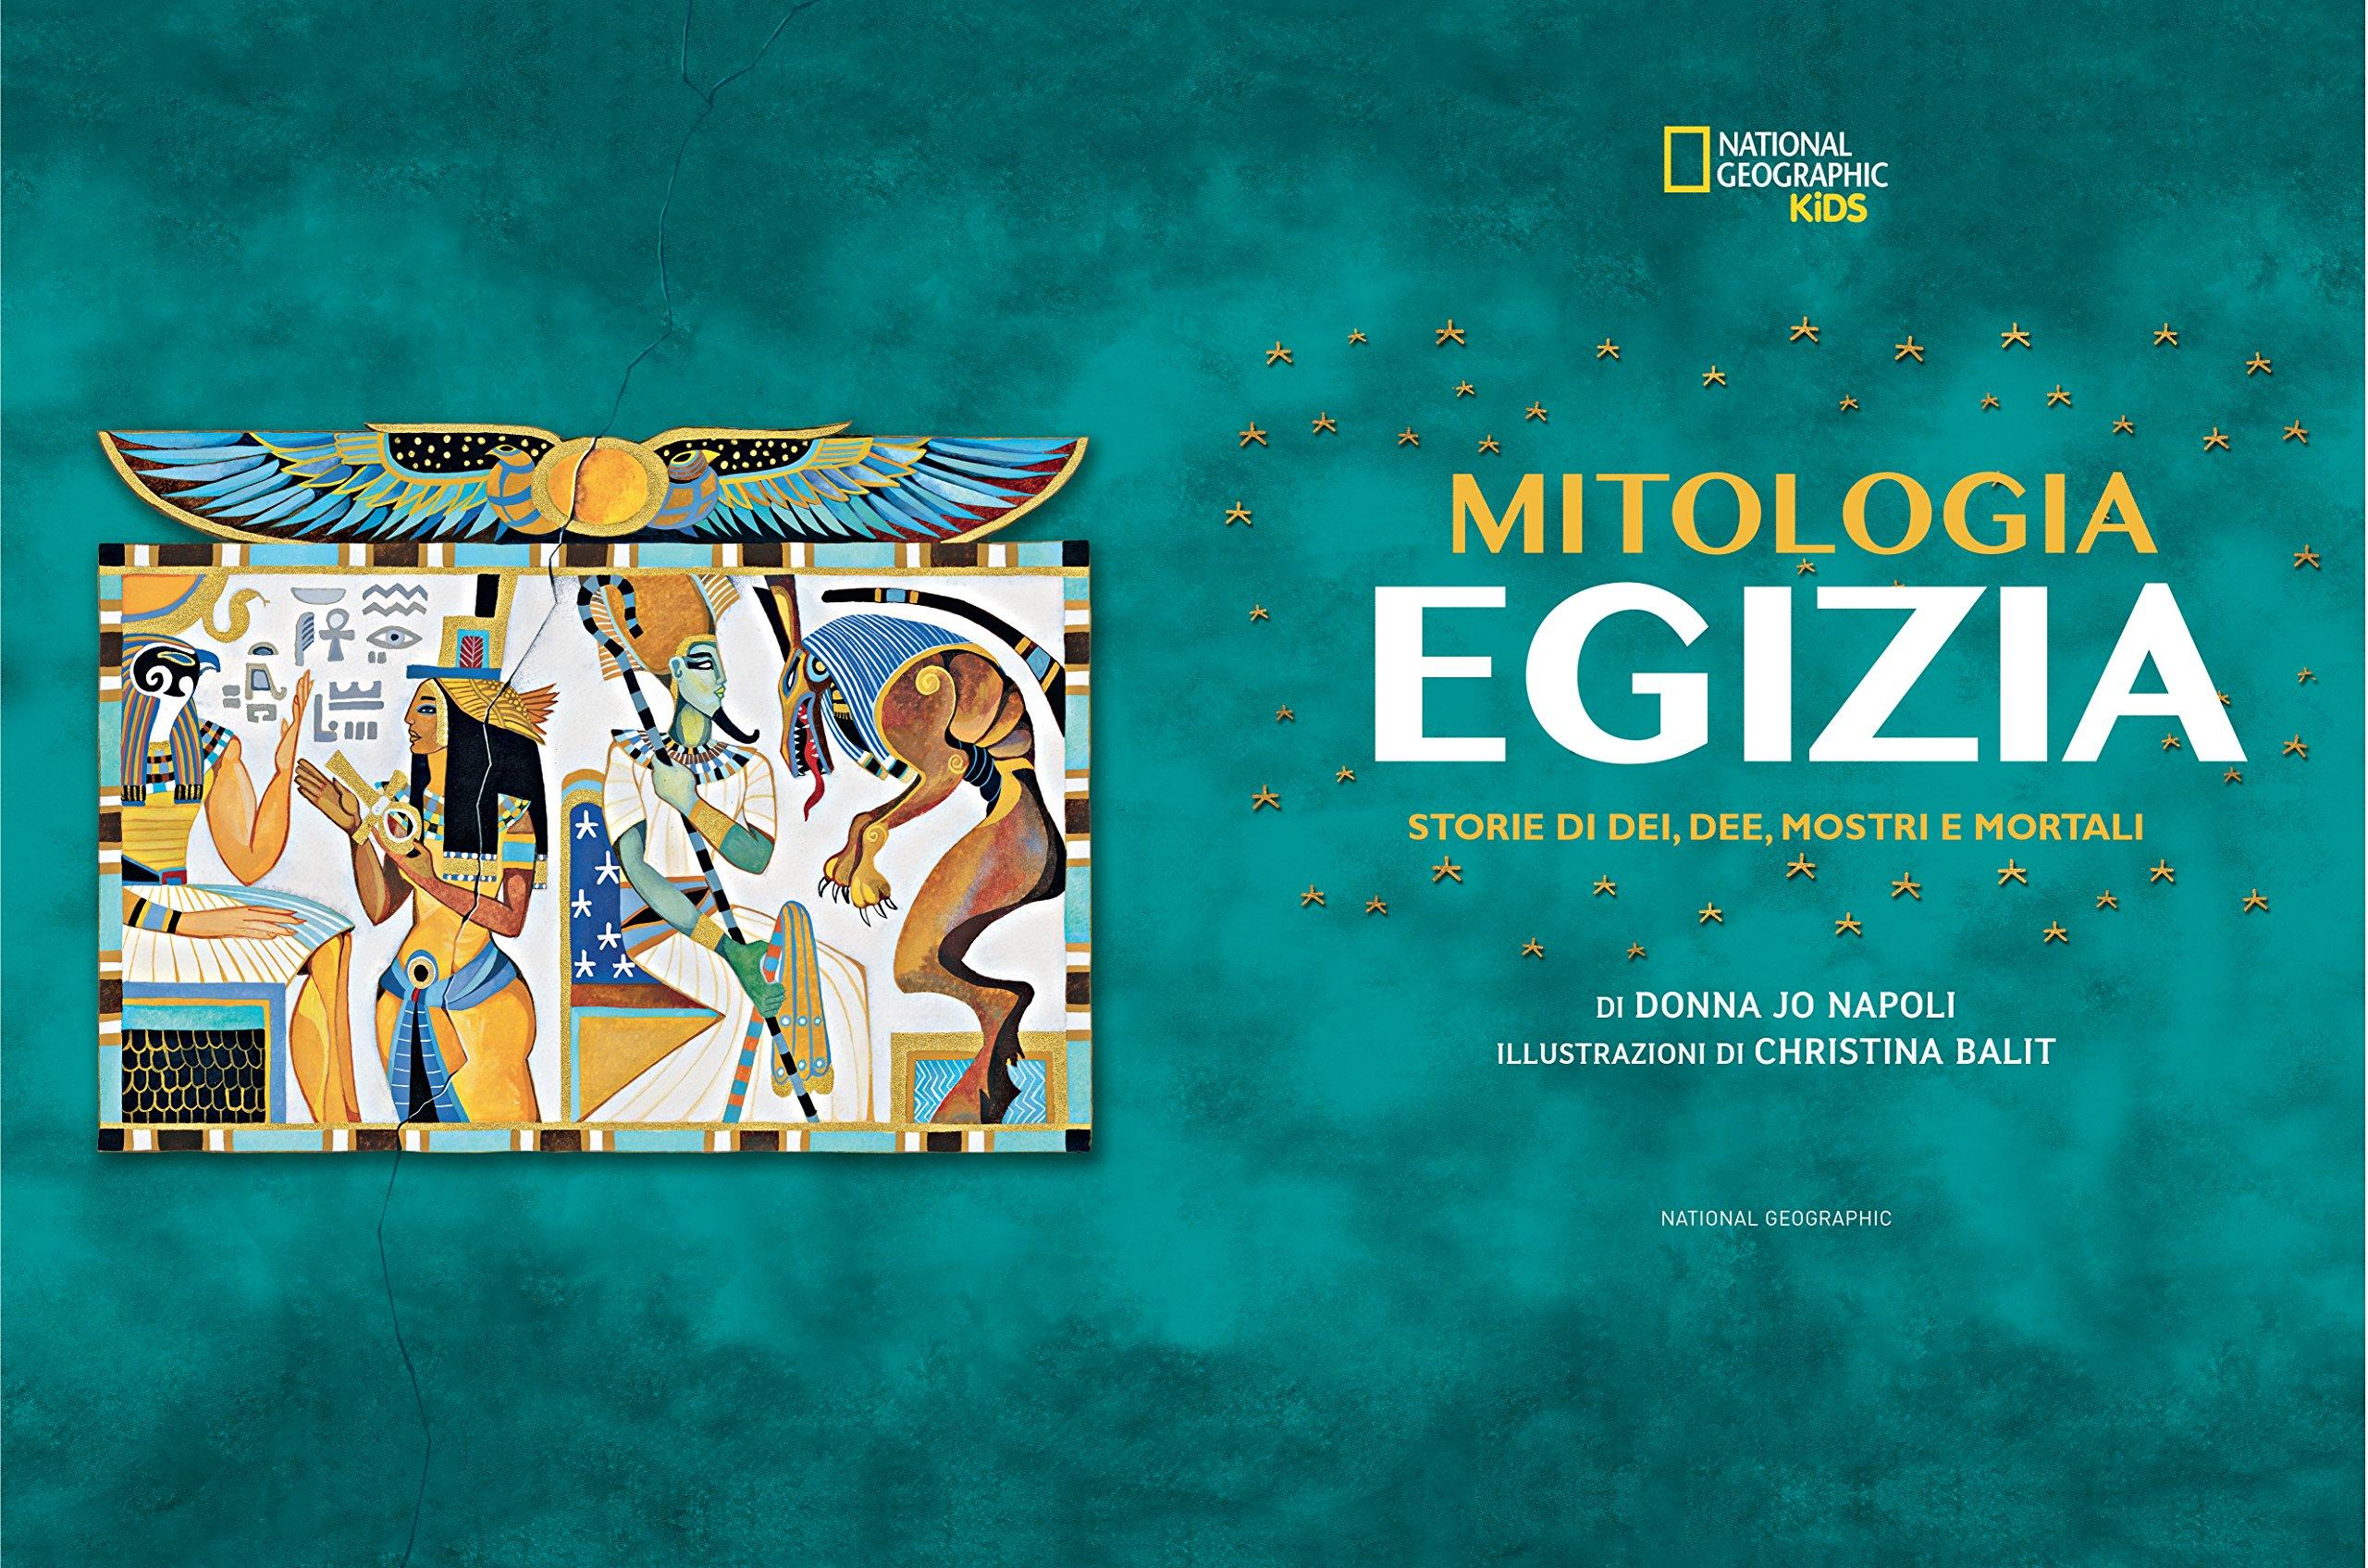 La Mitologia Egizia Storie Di Dei Dee Mostri E Mortali Amazonit